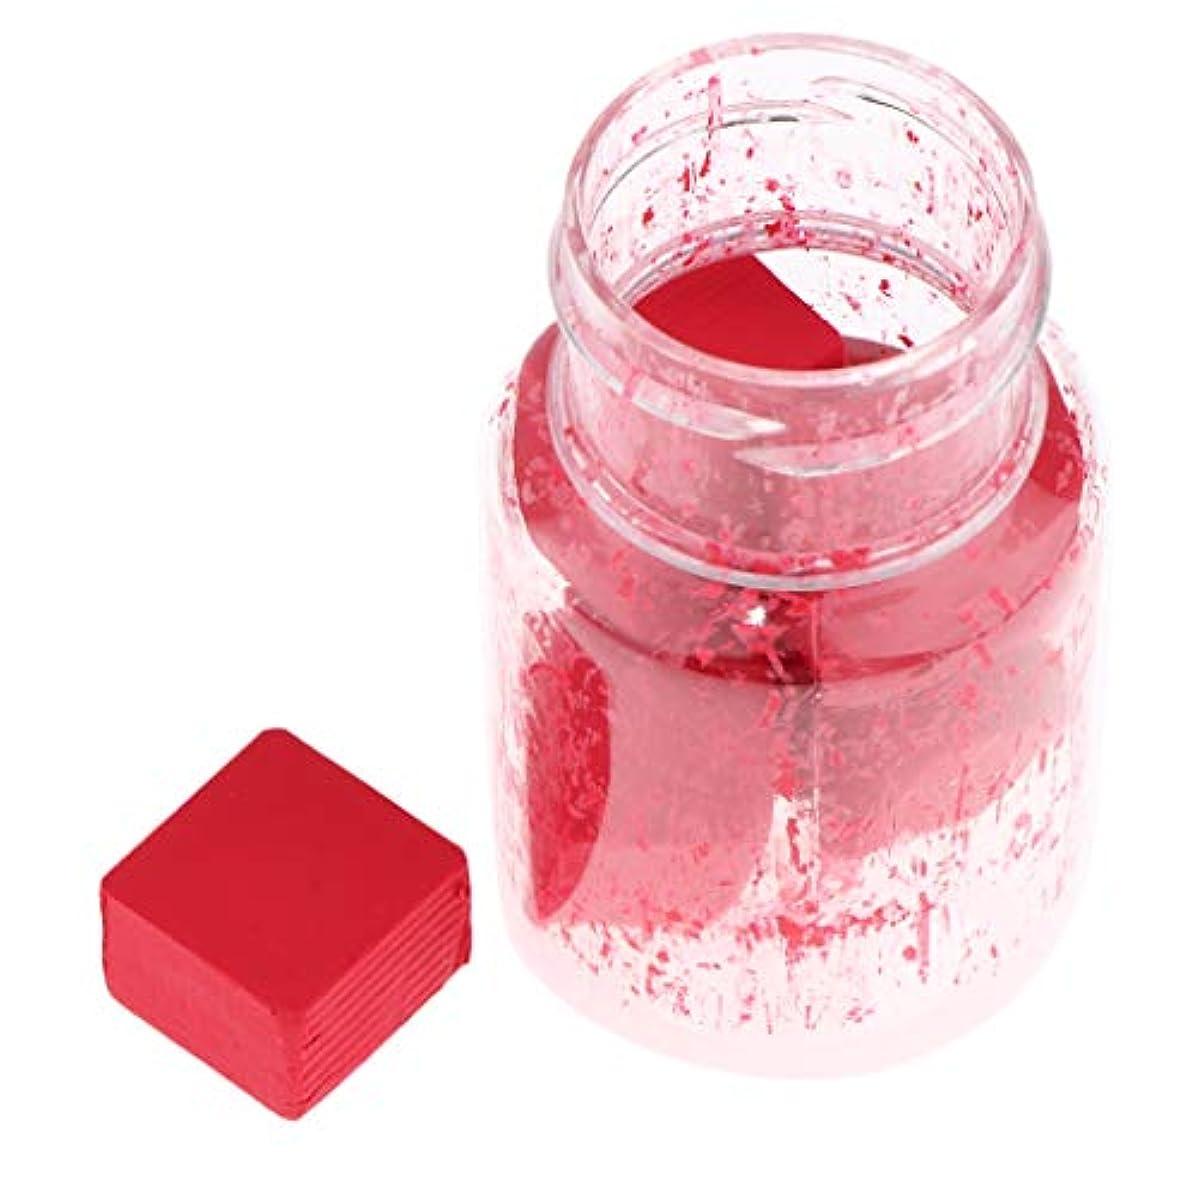 原因工場開梱T TOOYFUL DIY 口紅作り リップスティック材料 リップライナー顔料 2g DIY化粧品 9色選択でき - B